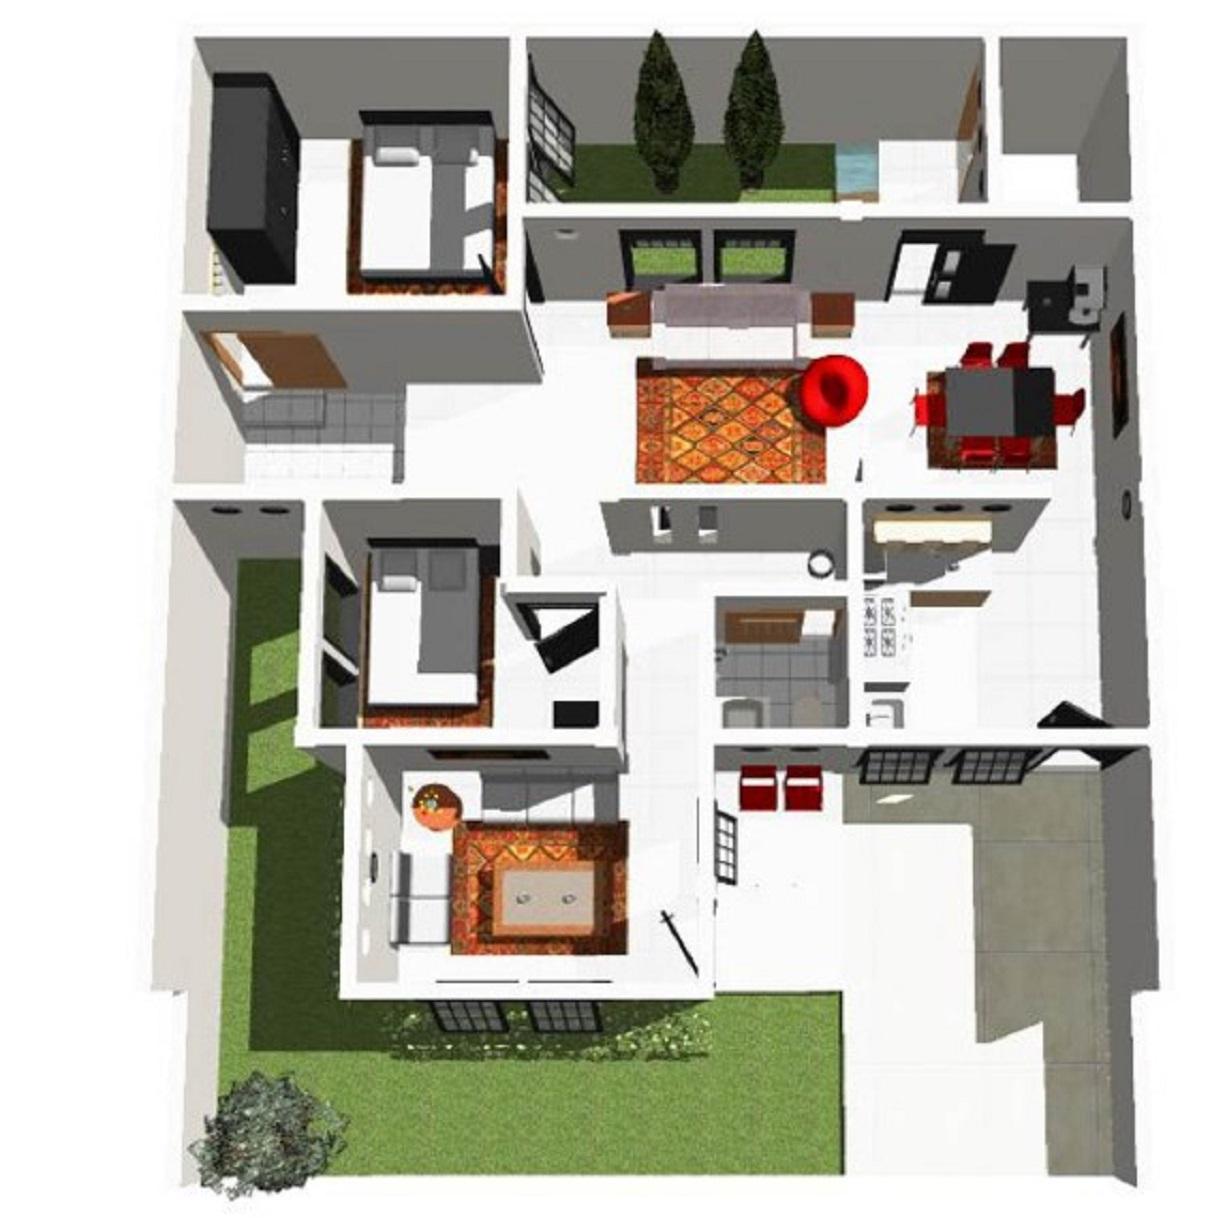 Contoh Sketsa Rumah Minimalis 3 Kamar